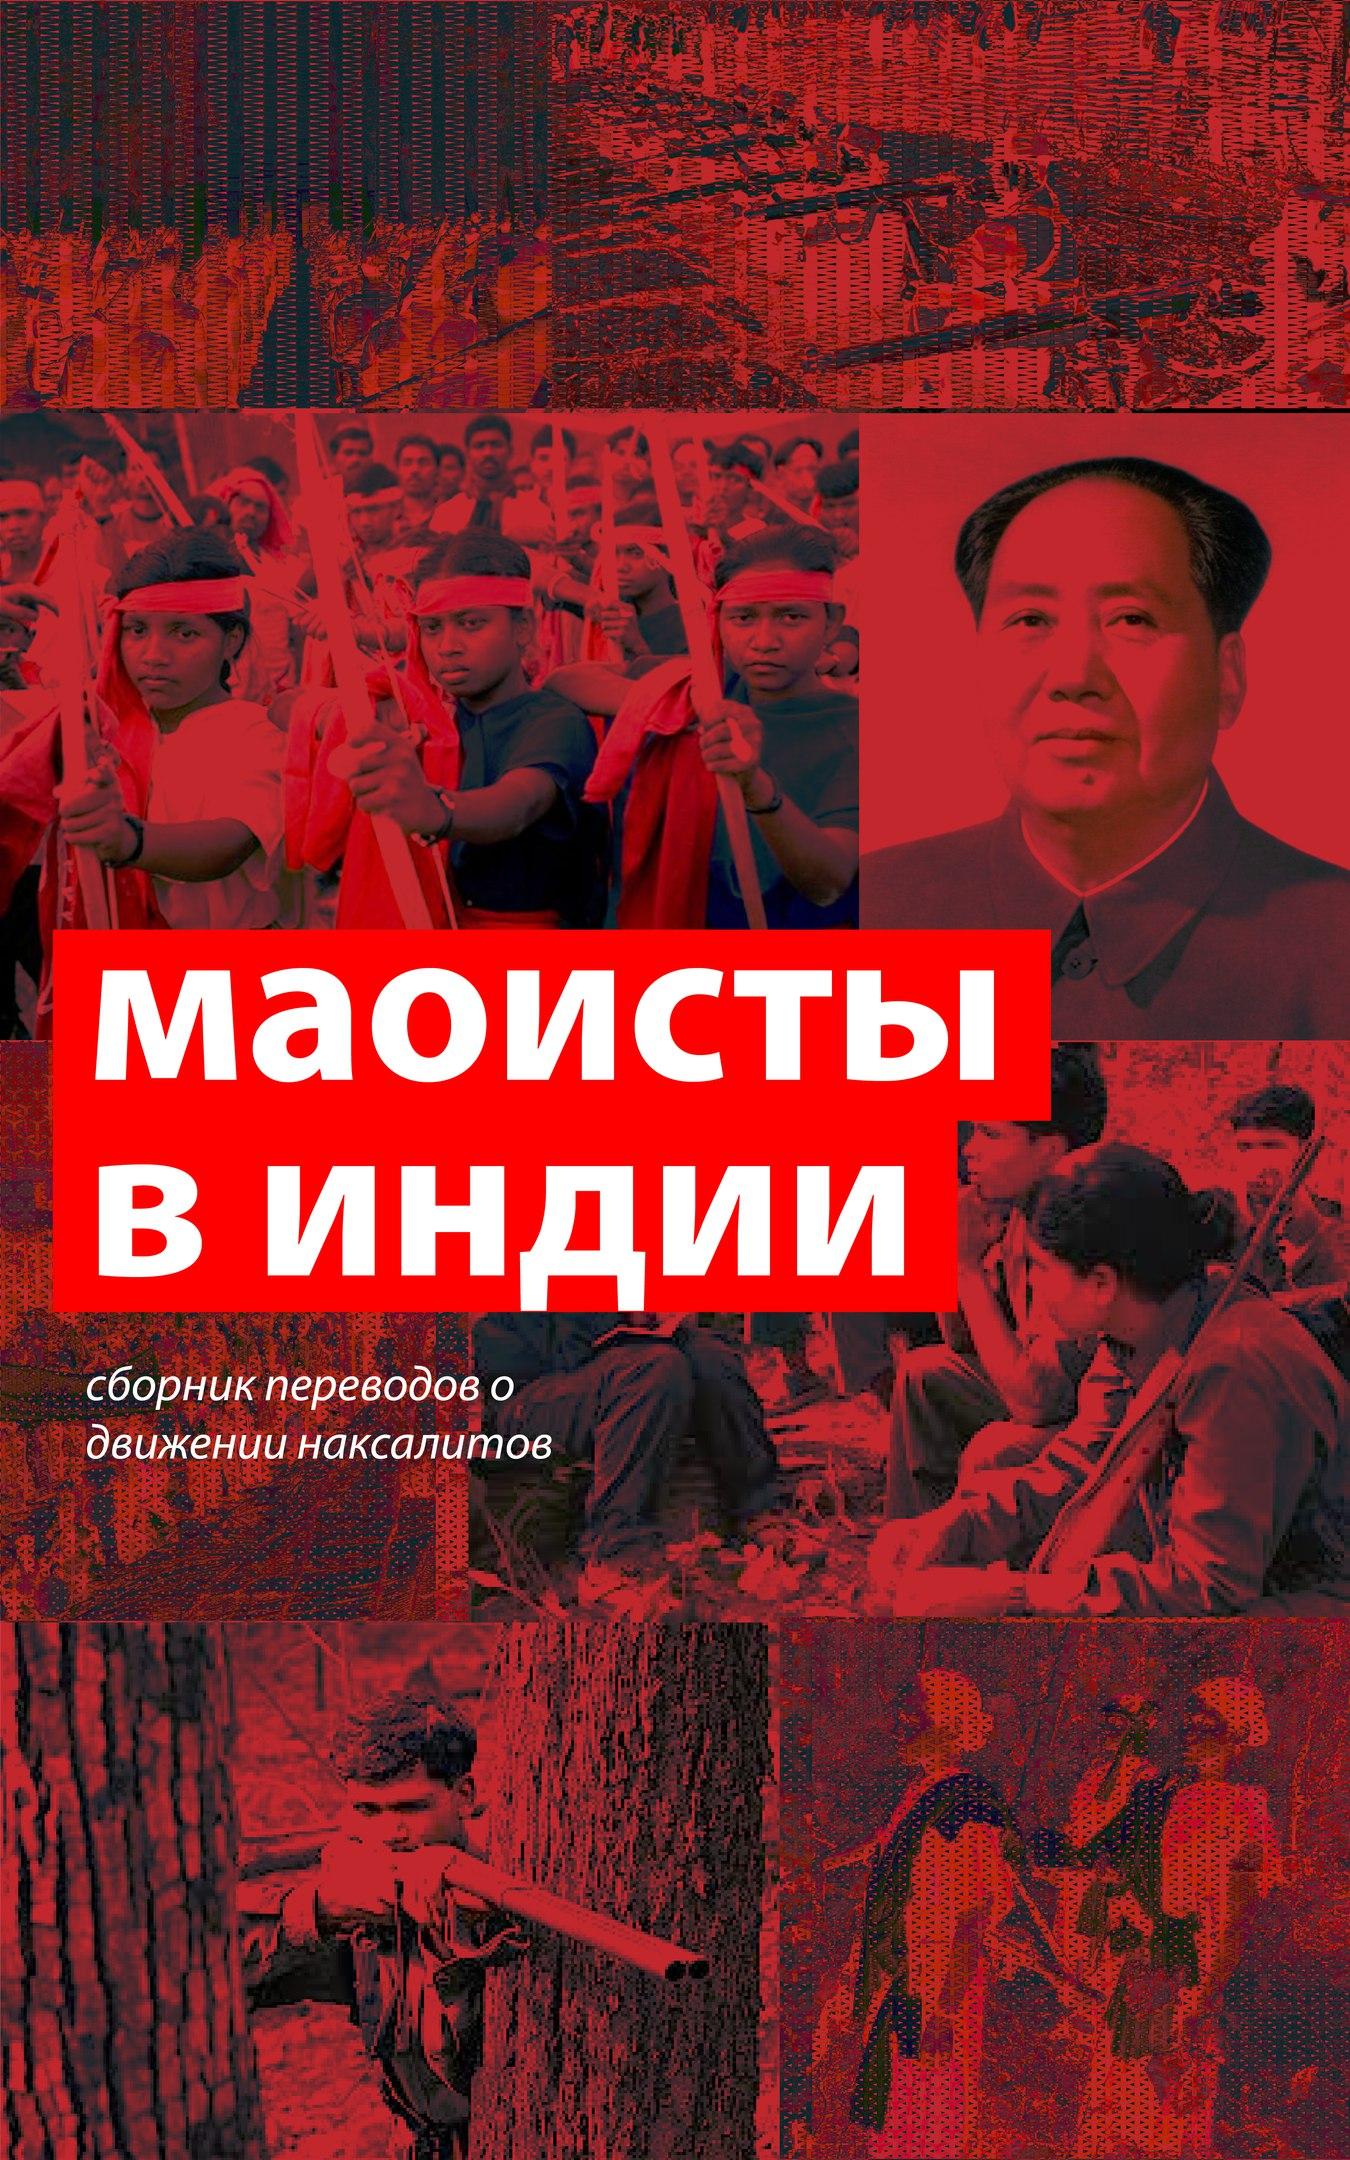 Детская болезнь левизны в коммунизме скачать fb2